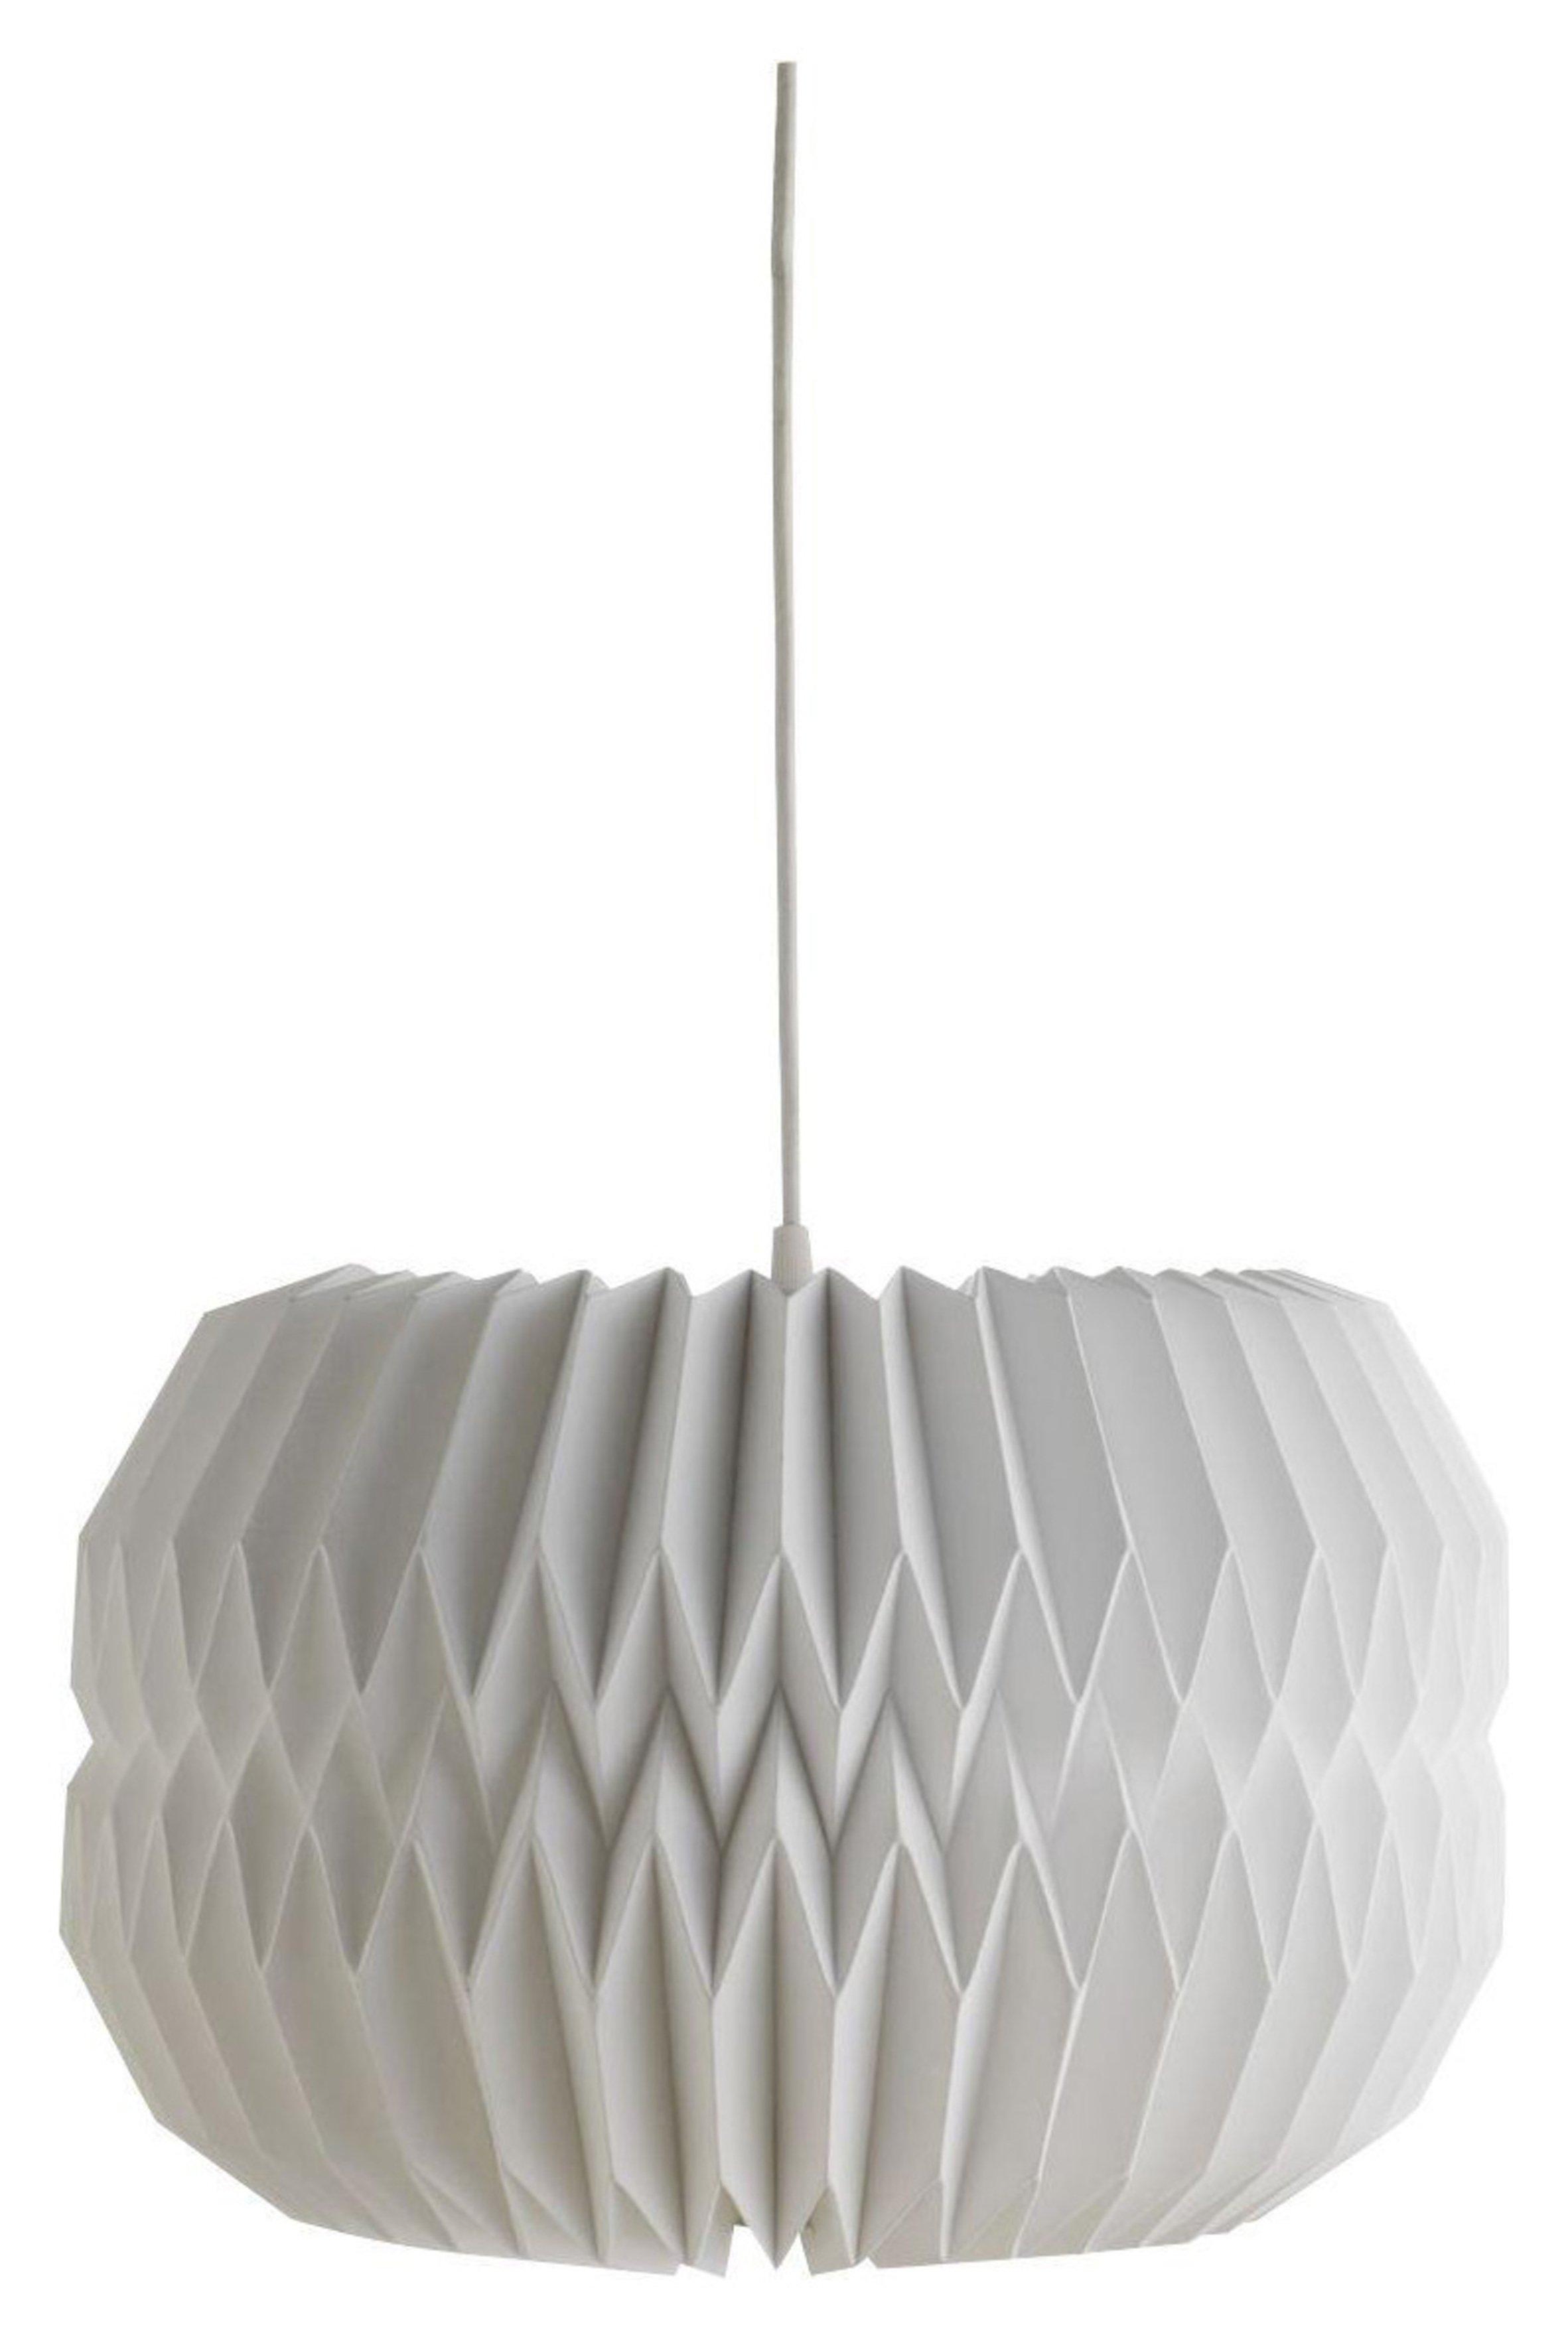 Habitat Kura Origami Paper Drum Shade - White